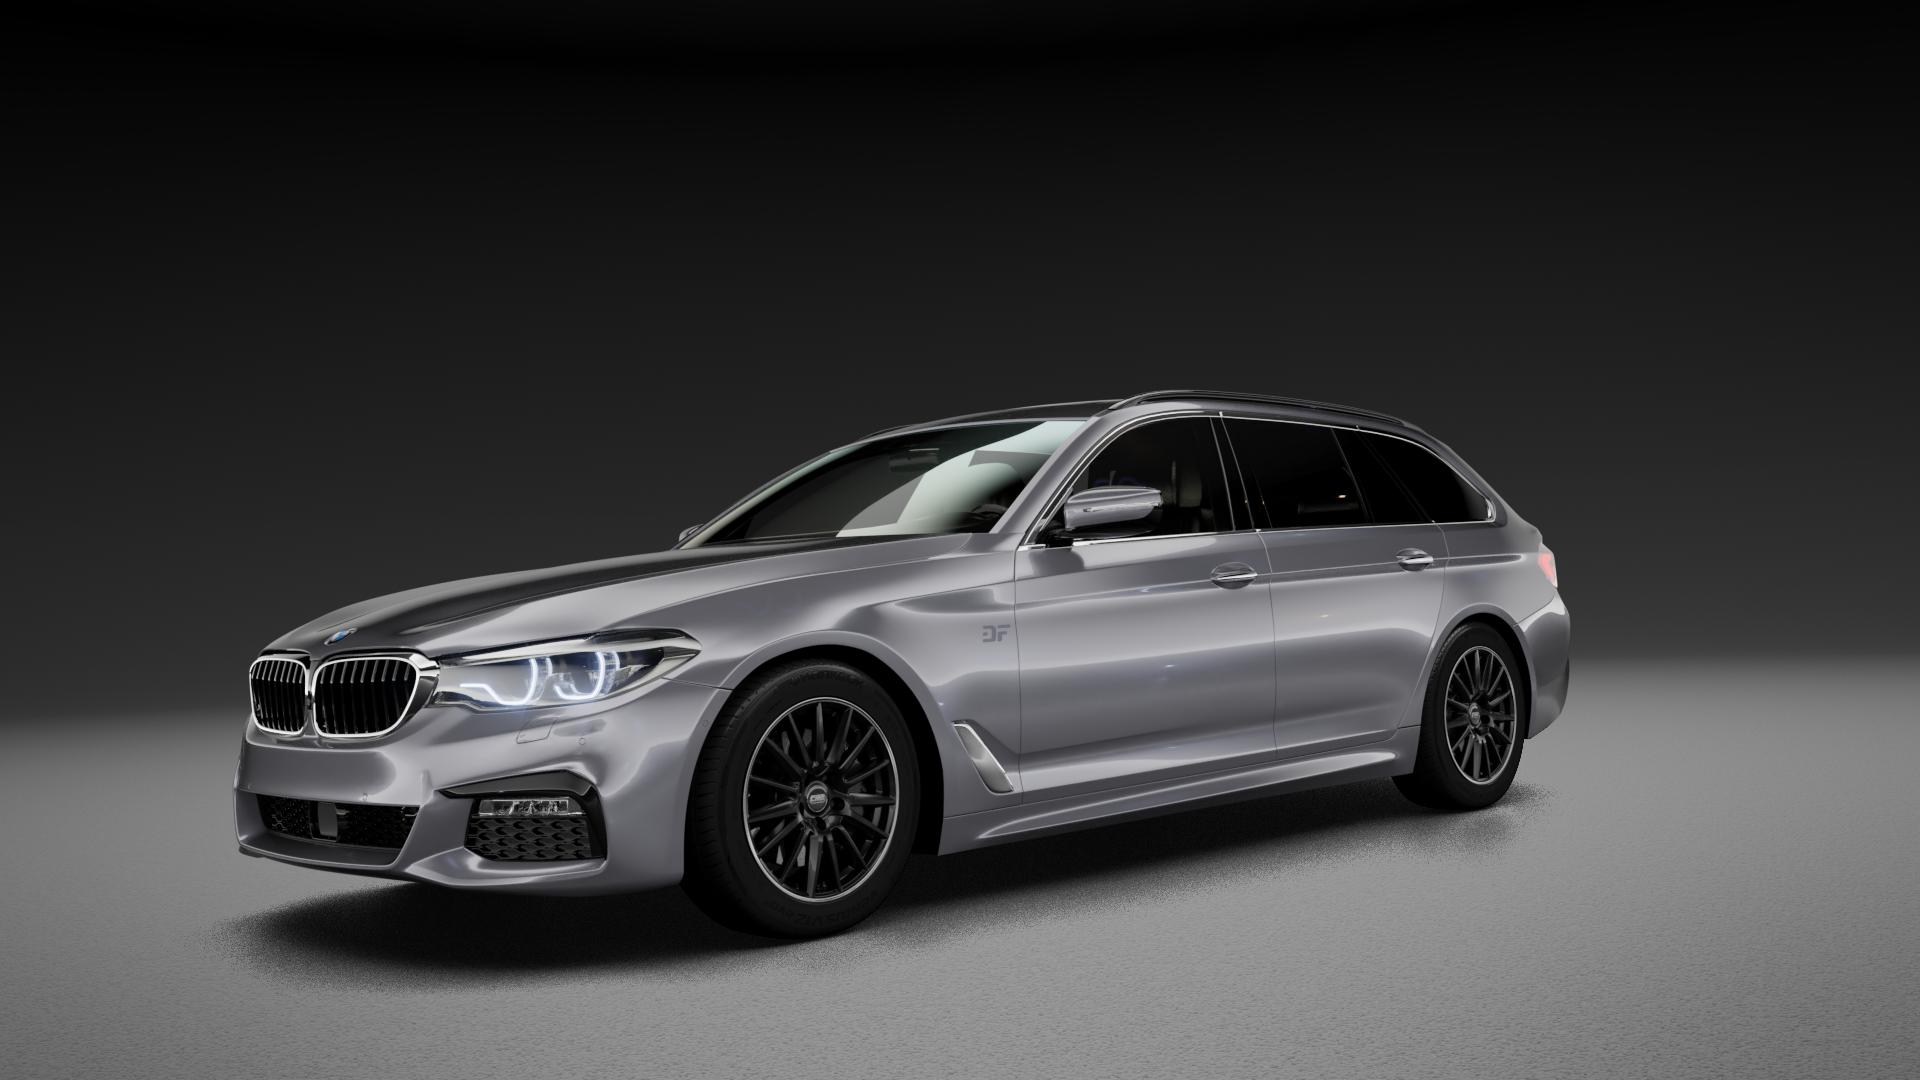 CMS C23 Diamond Rim Black Felge mit Reifen grau schwarz in 17Zoll Winterfelge Alufelge auf silbernem BMW 5er G31 Touring (G5K) ⬇️ mit 15mm Tieferlegung ⬇️ Neutral_mid_max5300mm Frontansicht_1